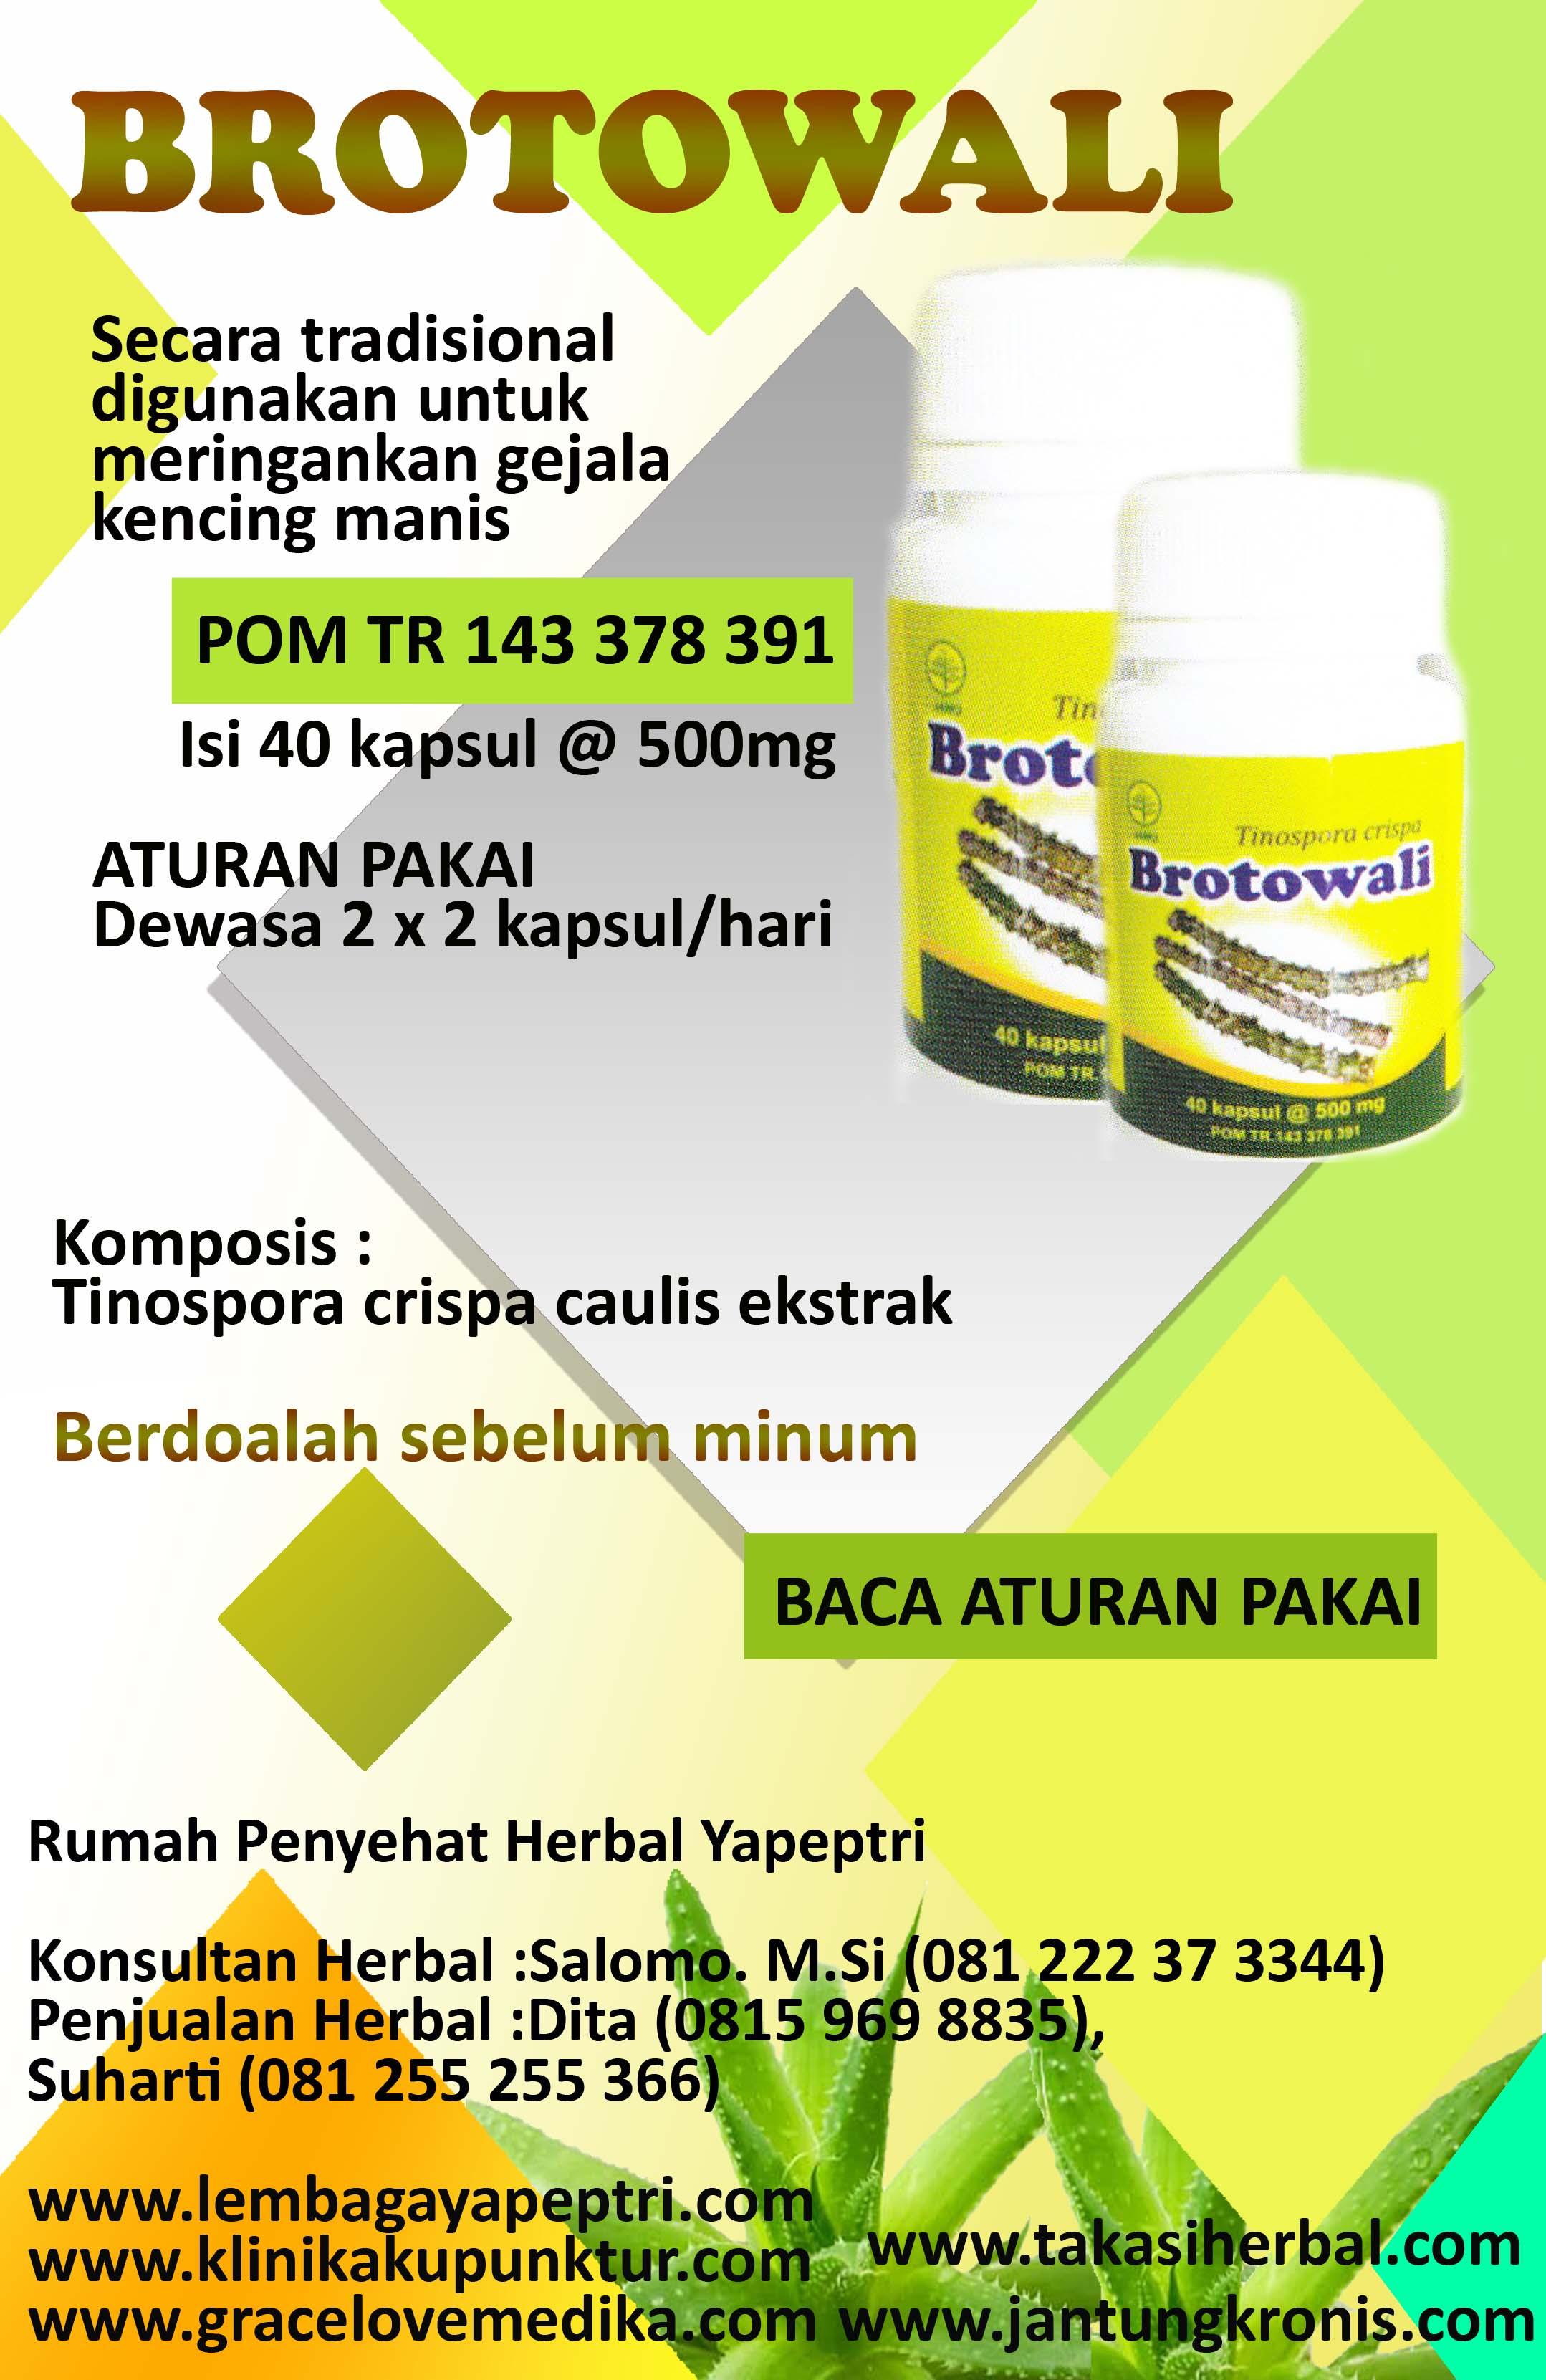 HERBAL BROTOWALI Digunakan untuk meringankan gejala kencing manis